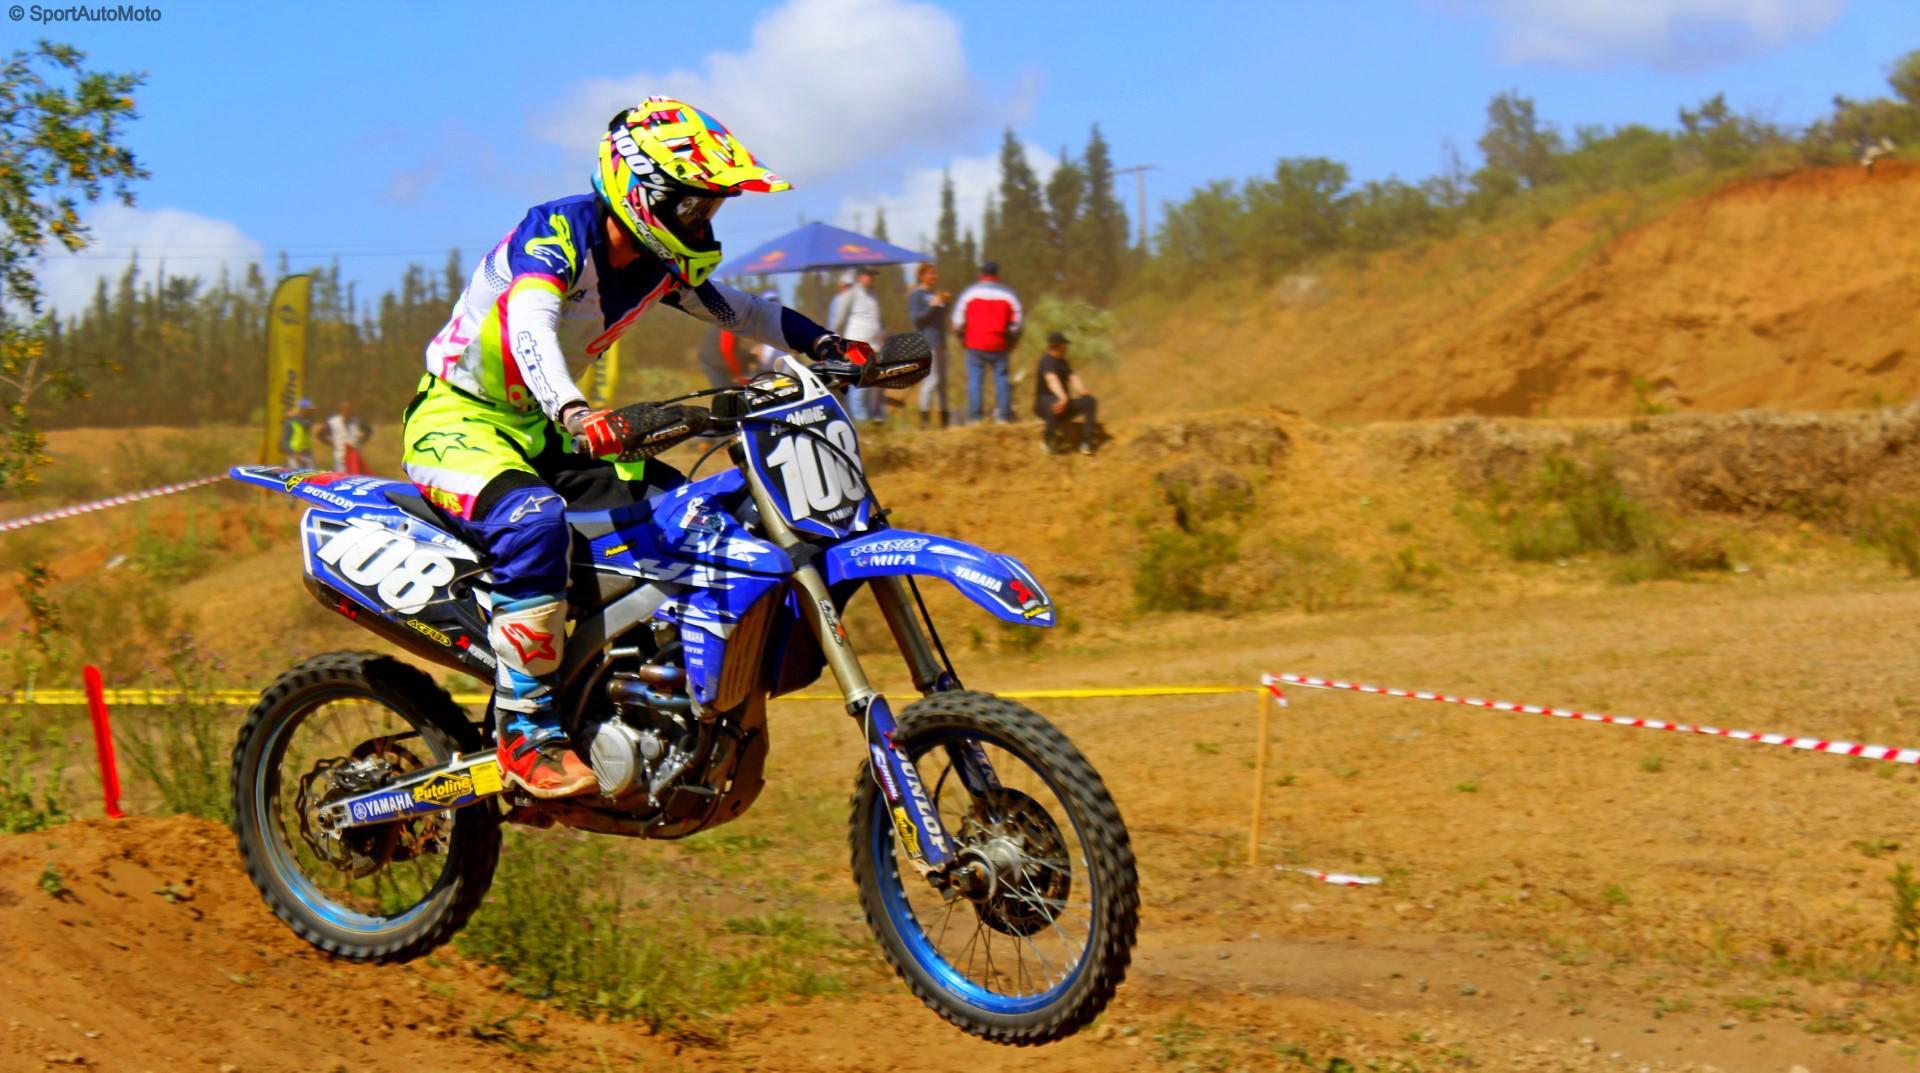 championnat-du-maroc-de-motocross-kenitra-774-11.jpg